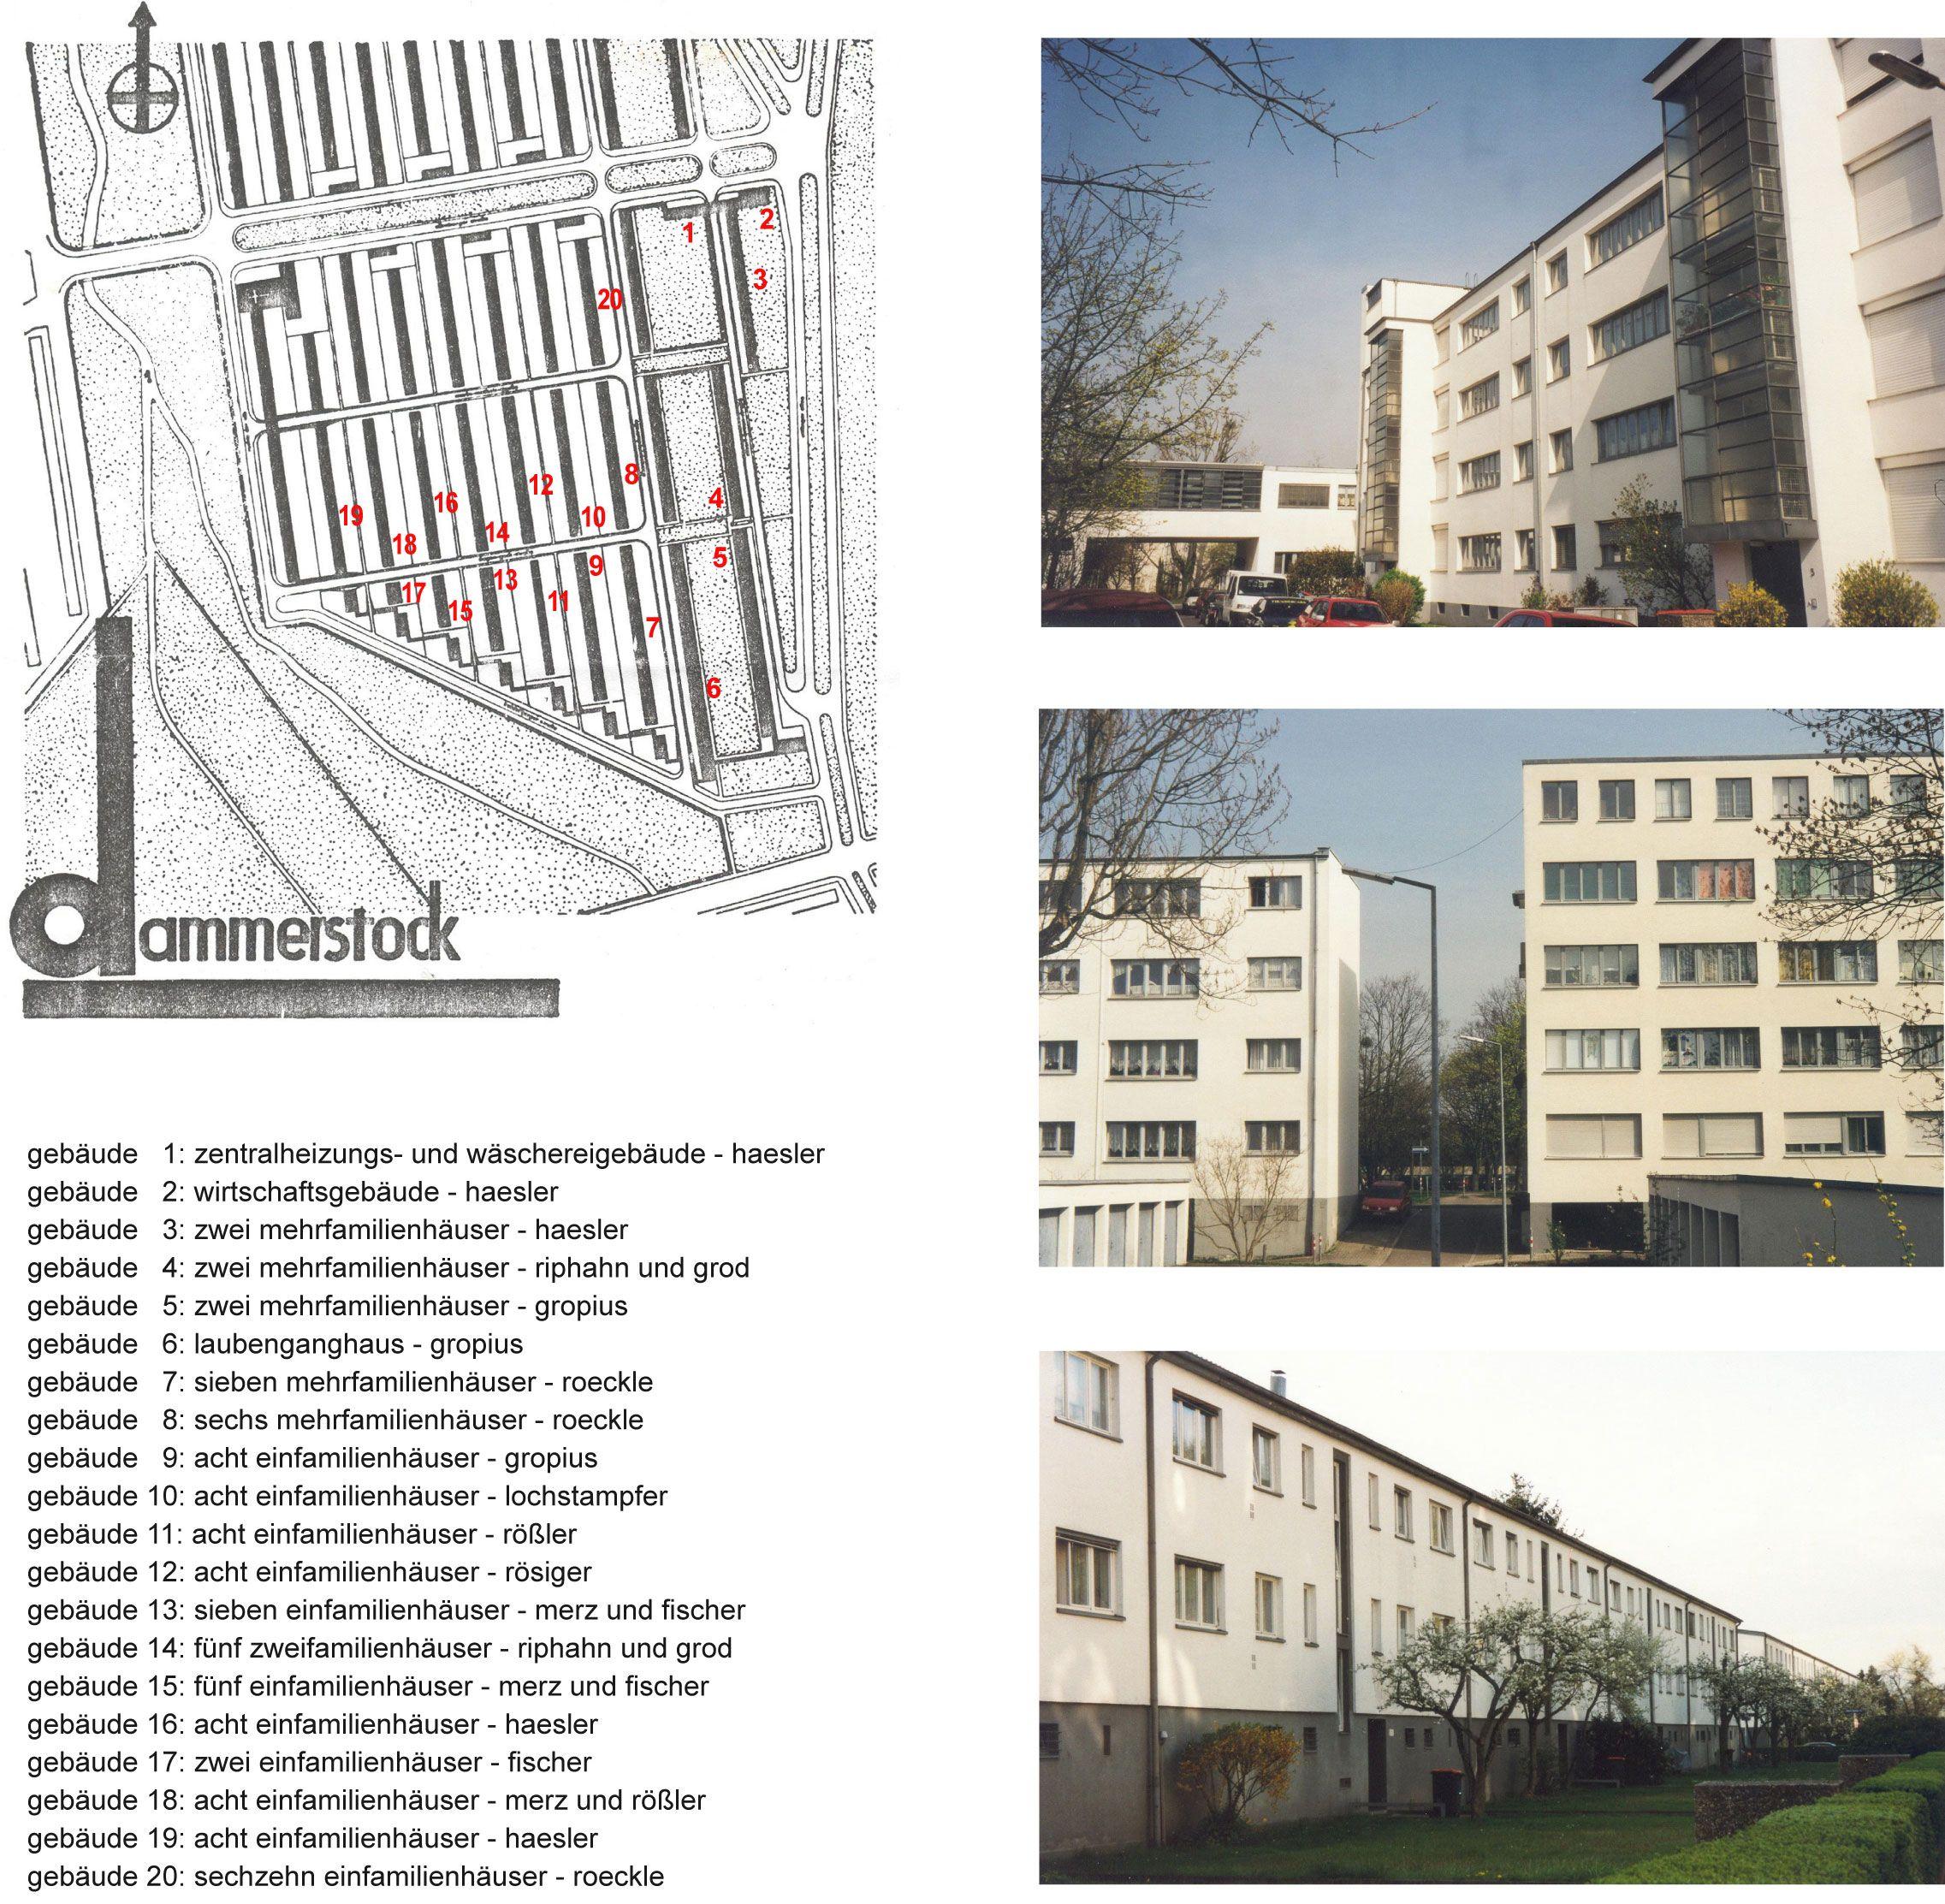 1927 1929 housing development karlsruhe dammerstock walter gropius arch xx neue. Black Bedroom Furniture Sets. Home Design Ideas